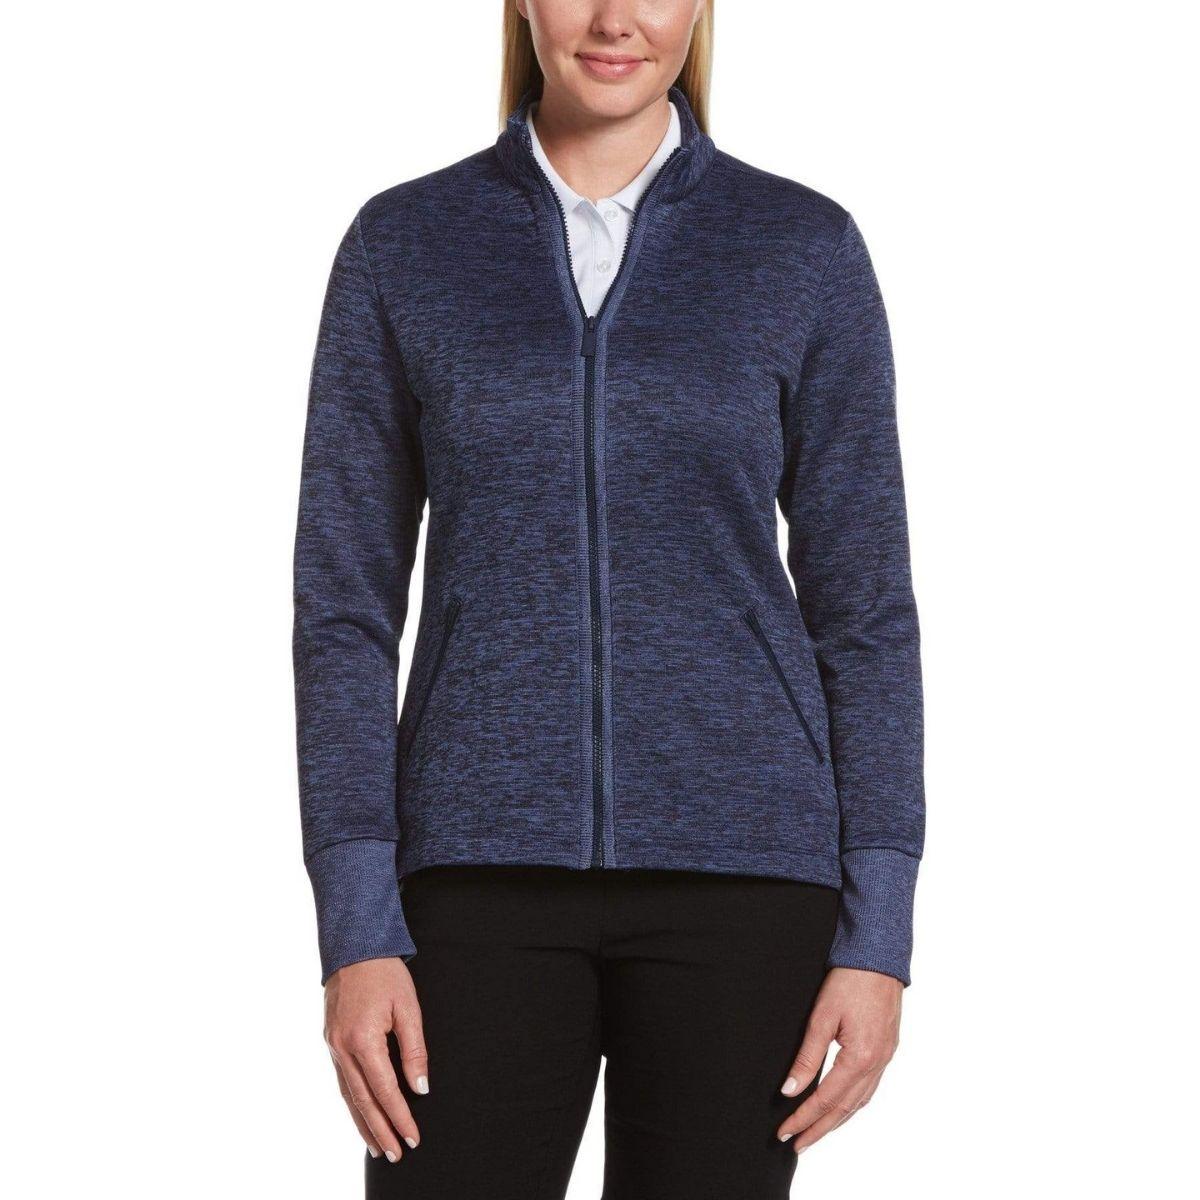 Callaway Women's Dual Action Fleece Jacket